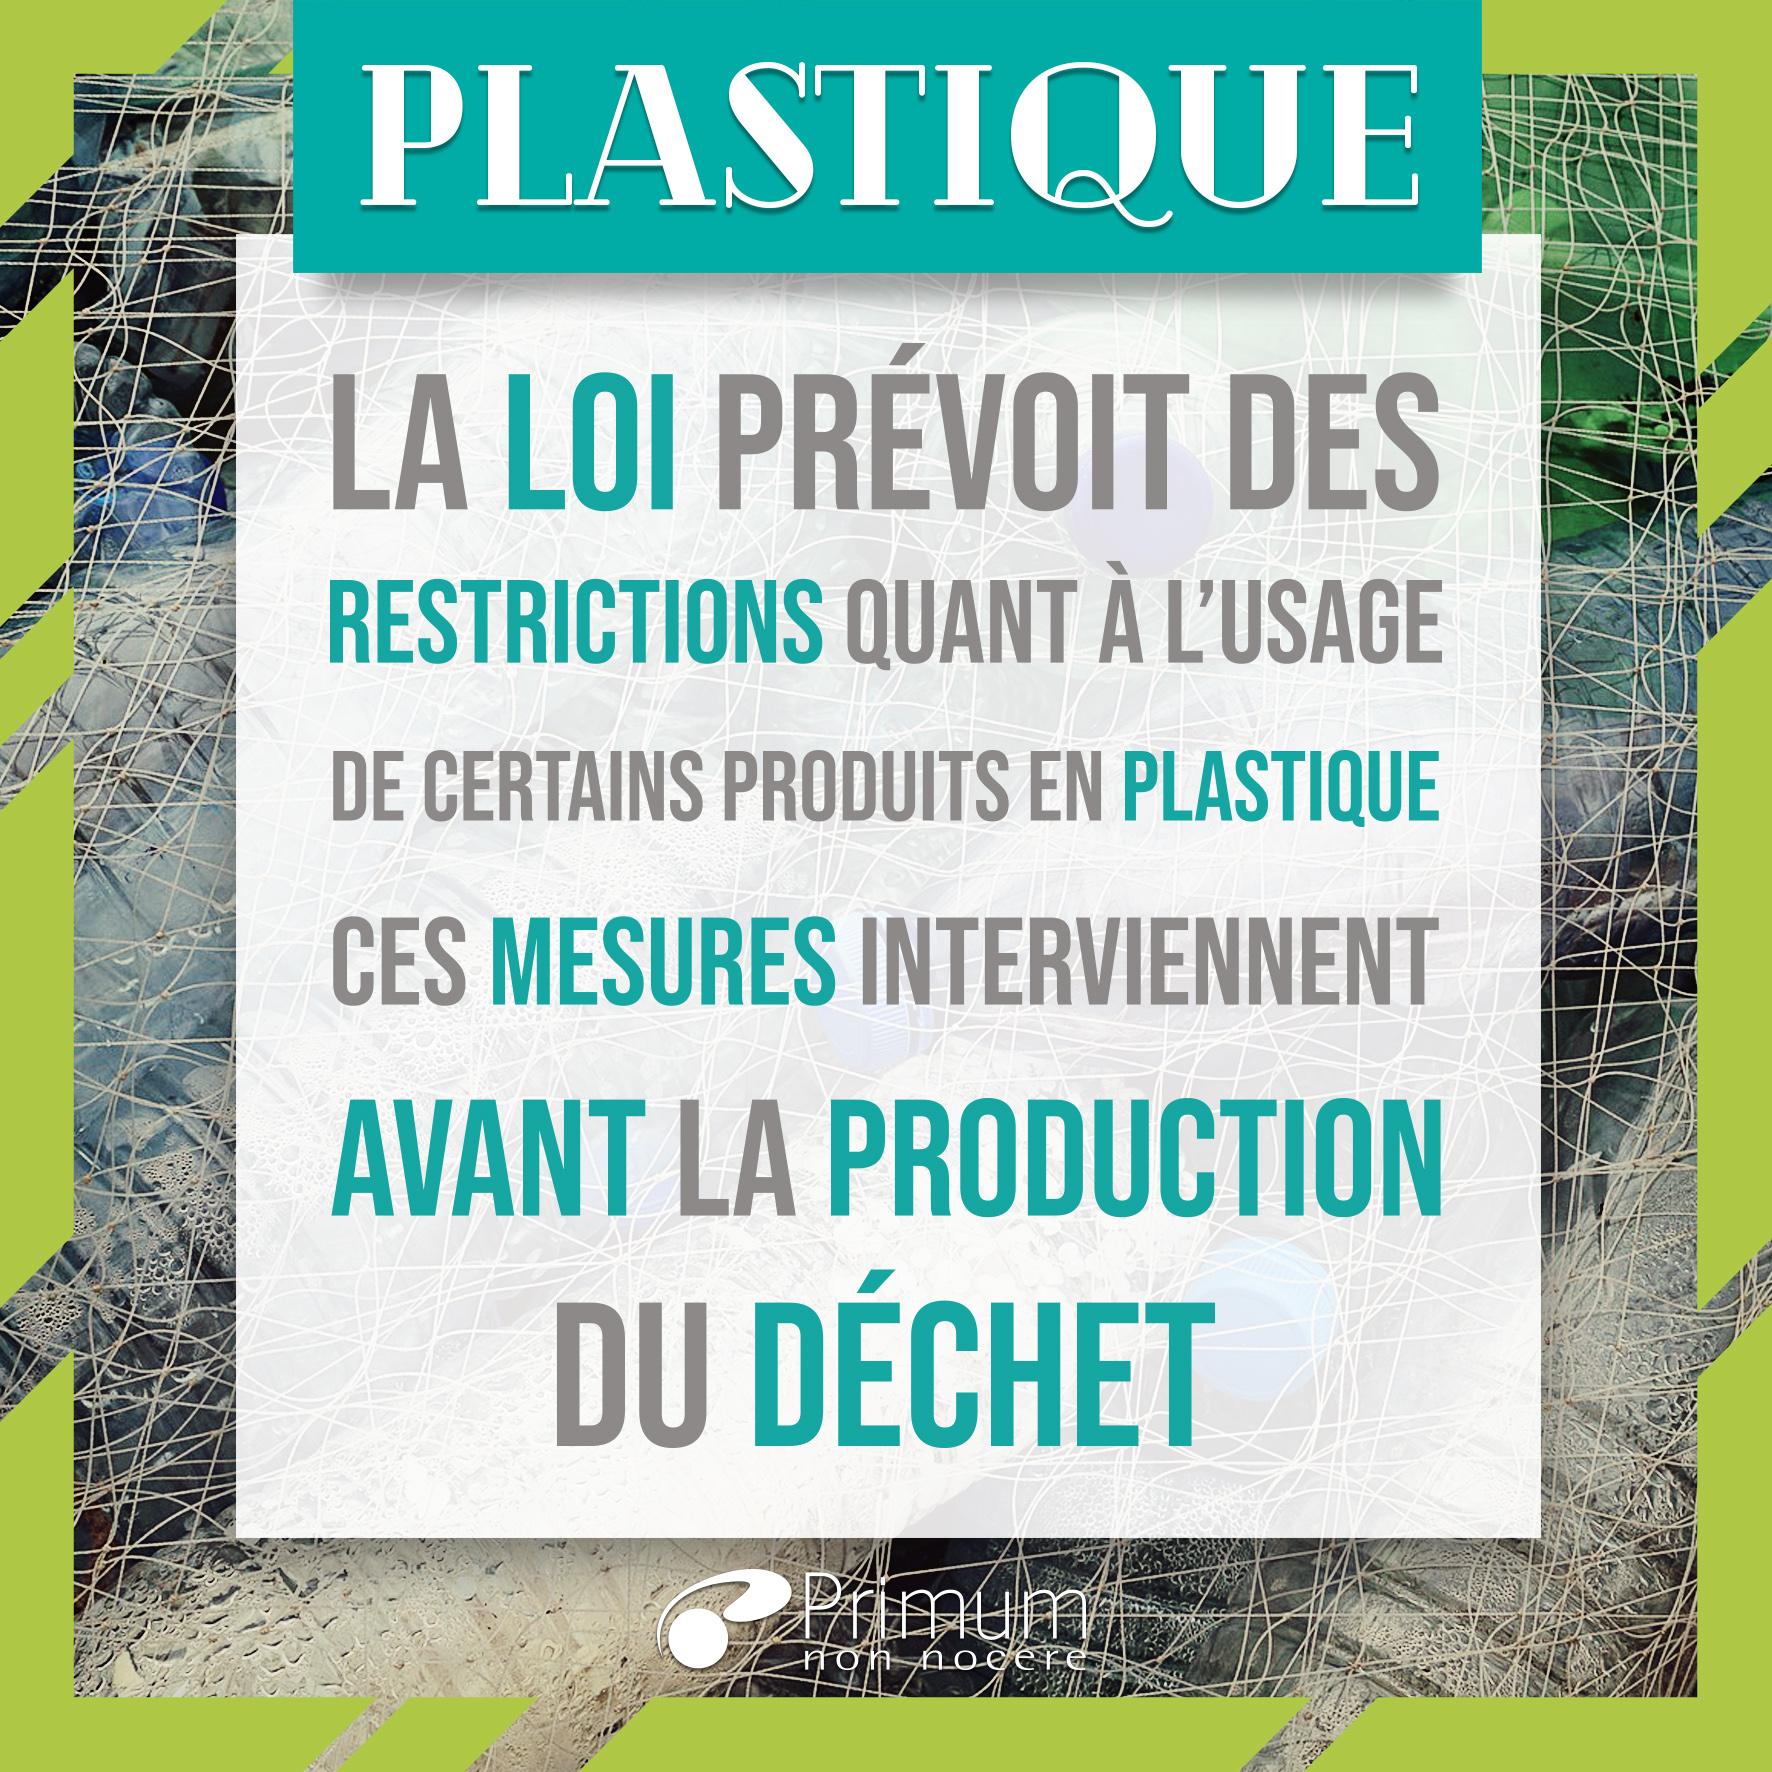 Les déchets plastiques et la règlementation : où en est-on ?